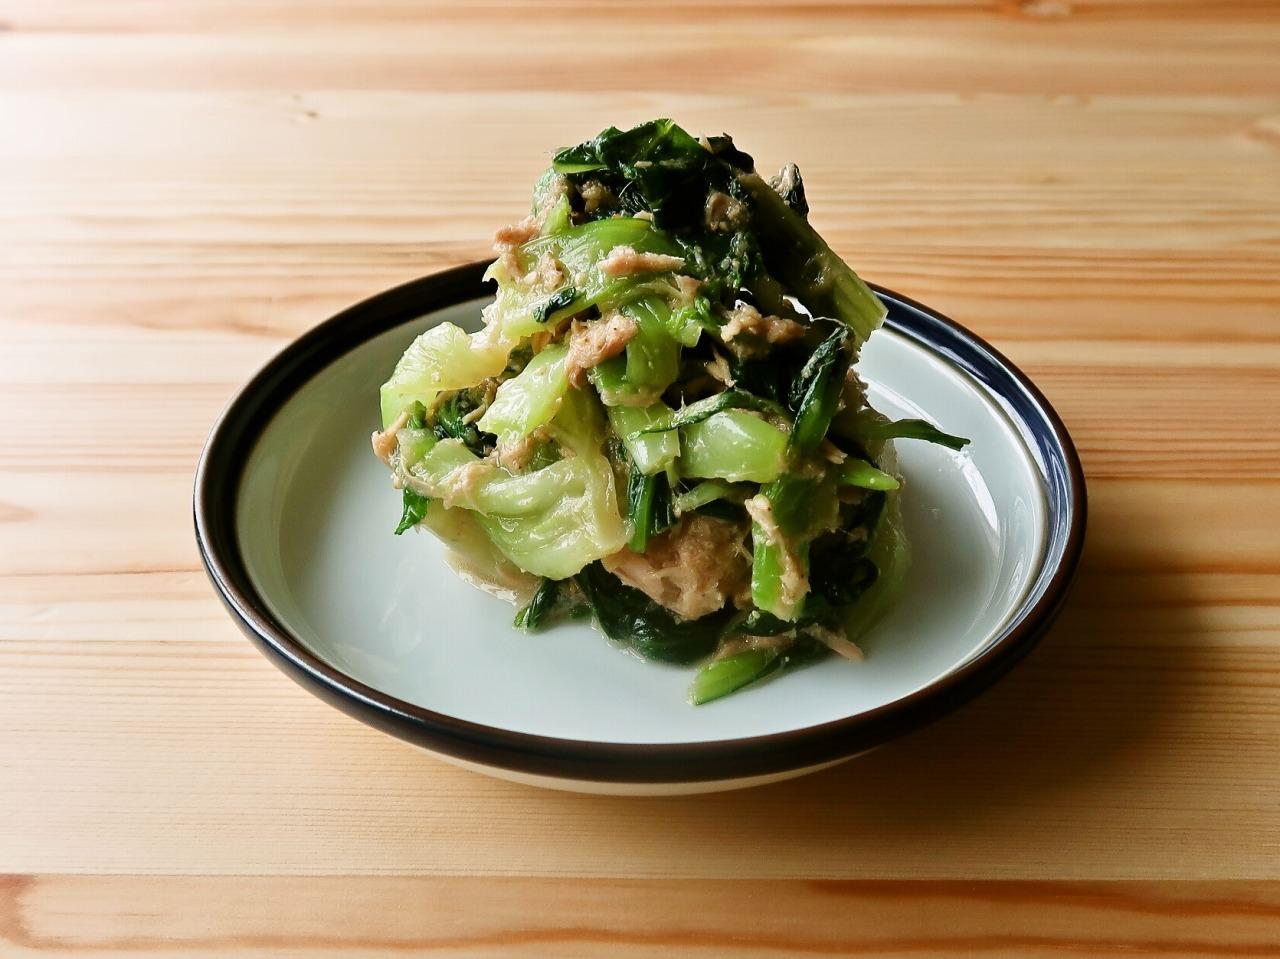 【野菜ひとつ】青梗菜のツナごま和え